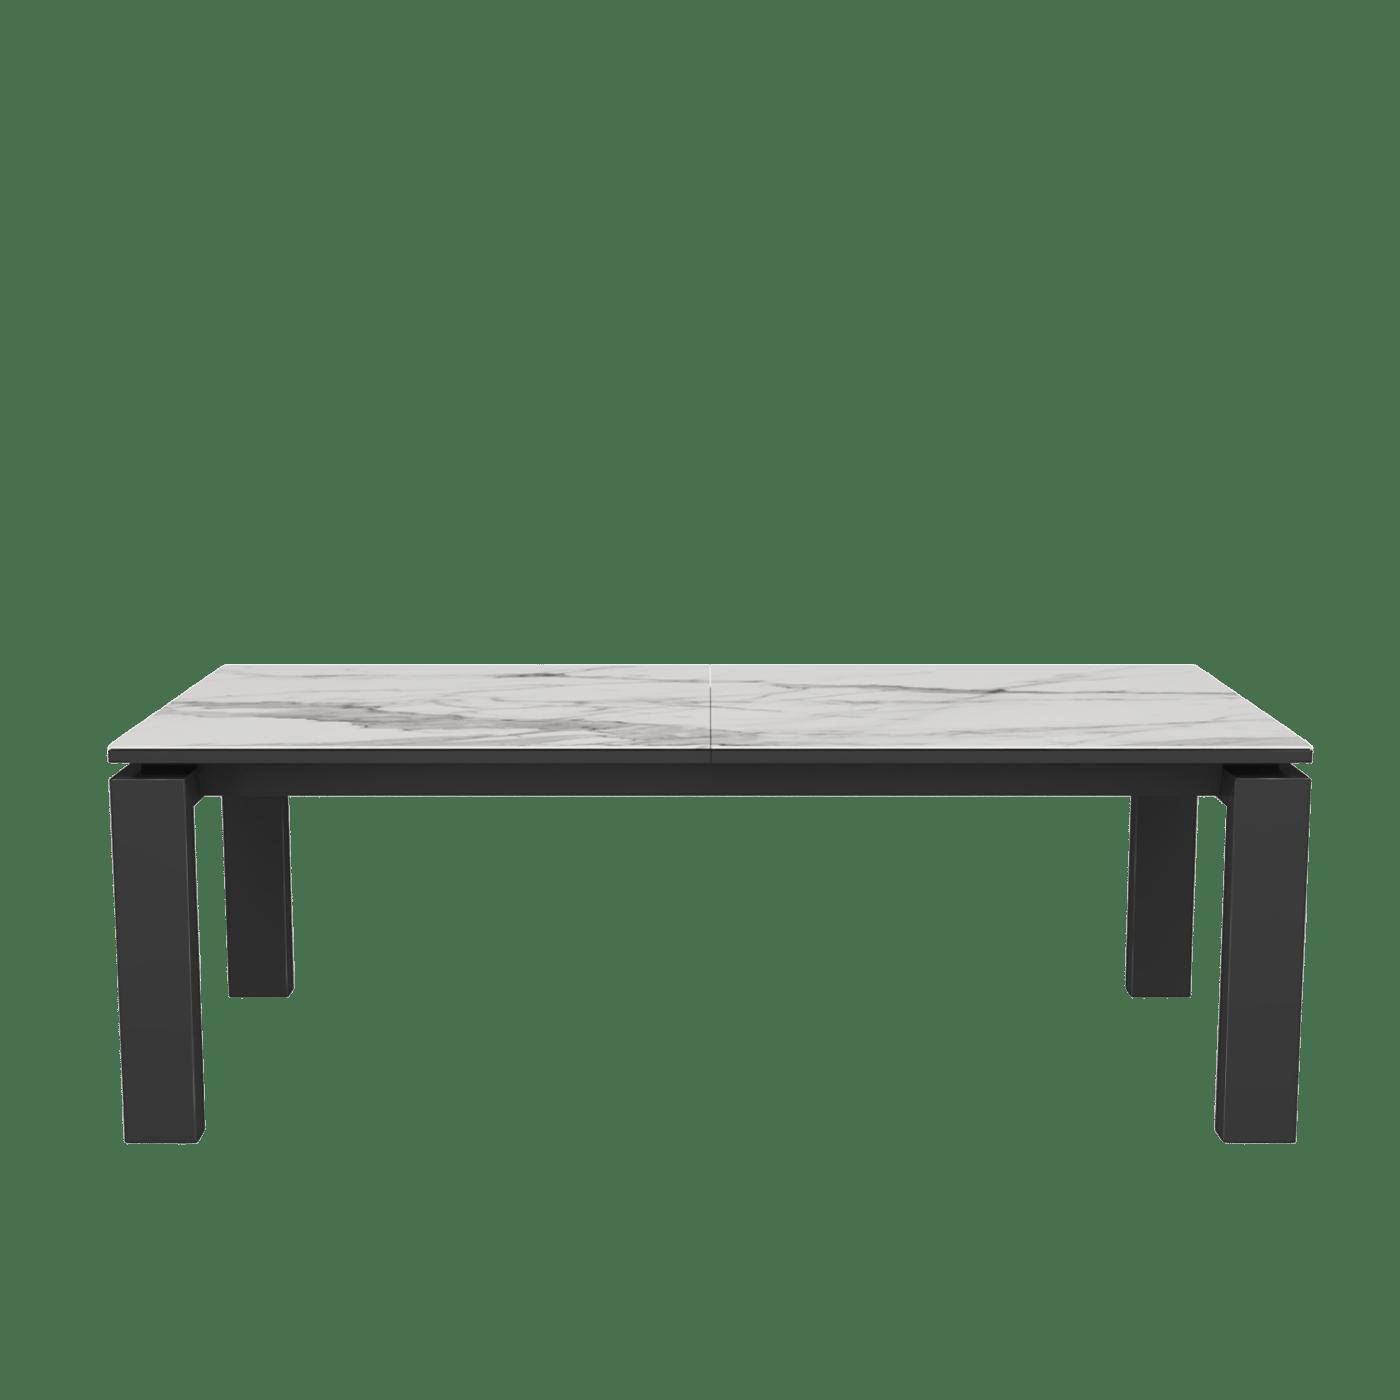 Agar dining table